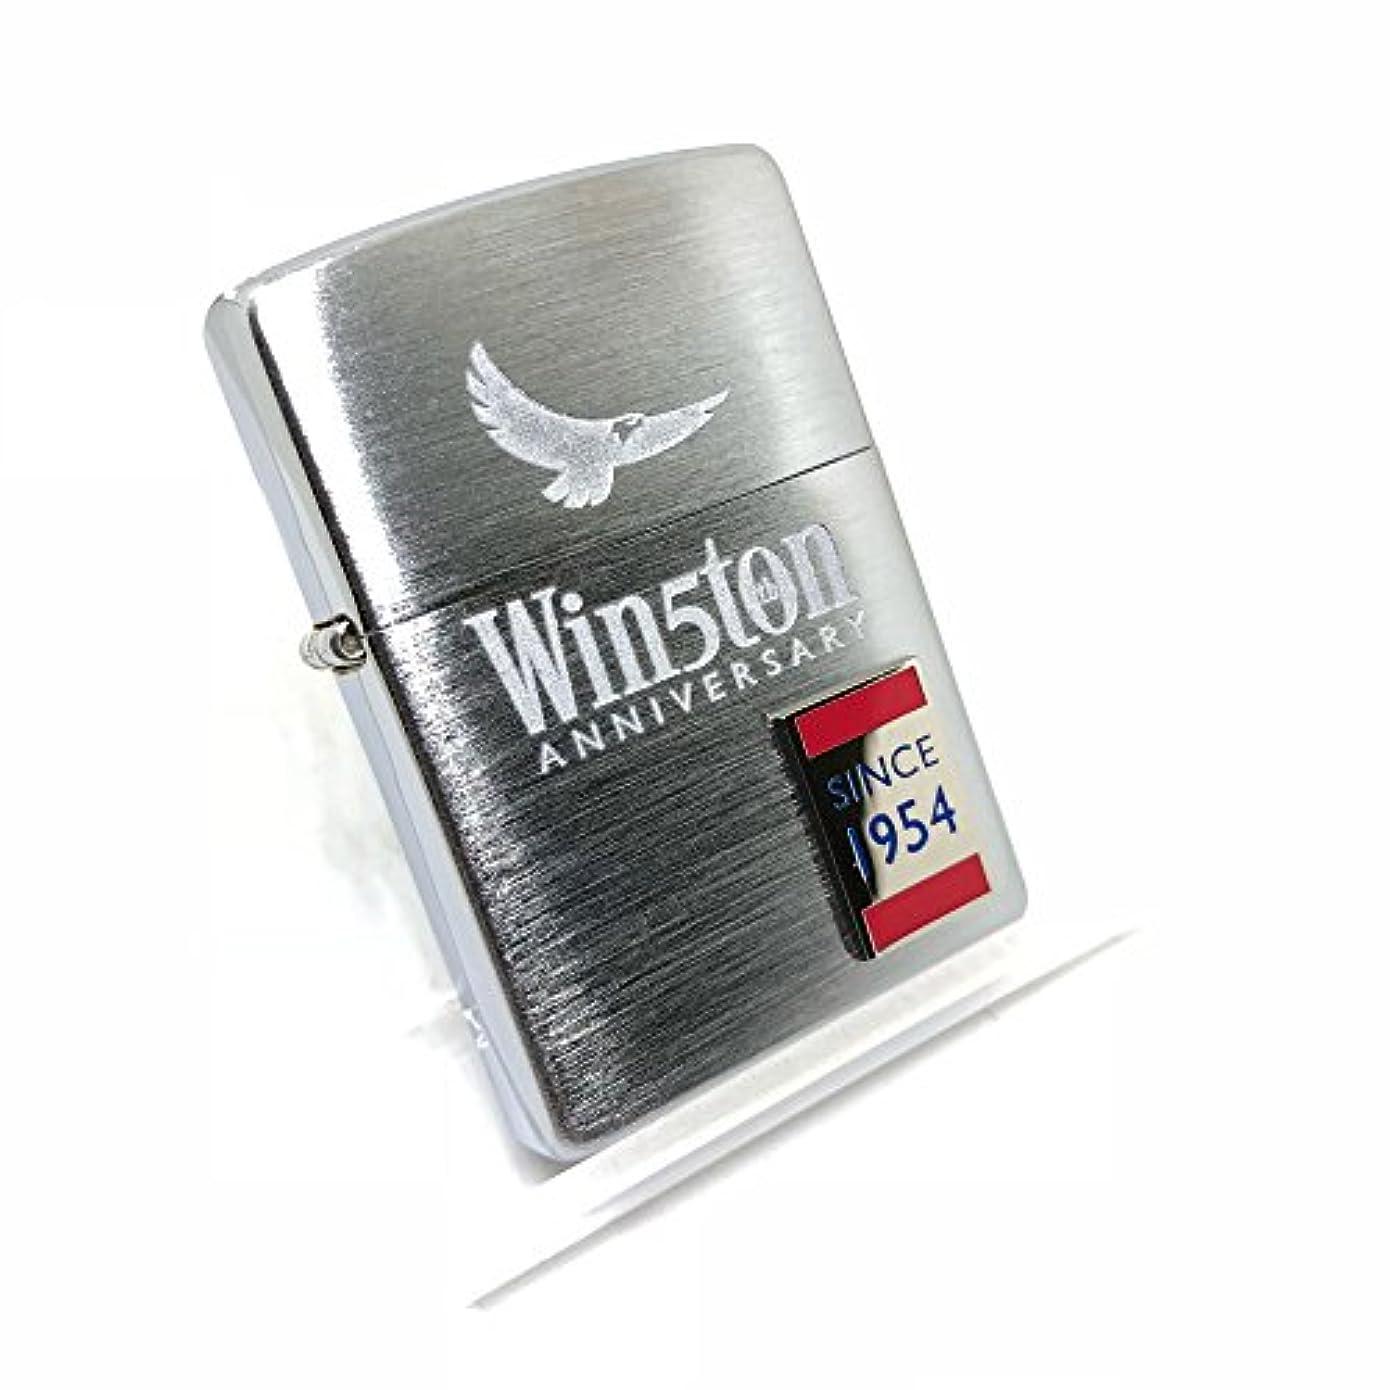 邪魔不平を言う実装するZIPPO (ジッポー) Winston ウィンストン 50Years Anniversary US限定